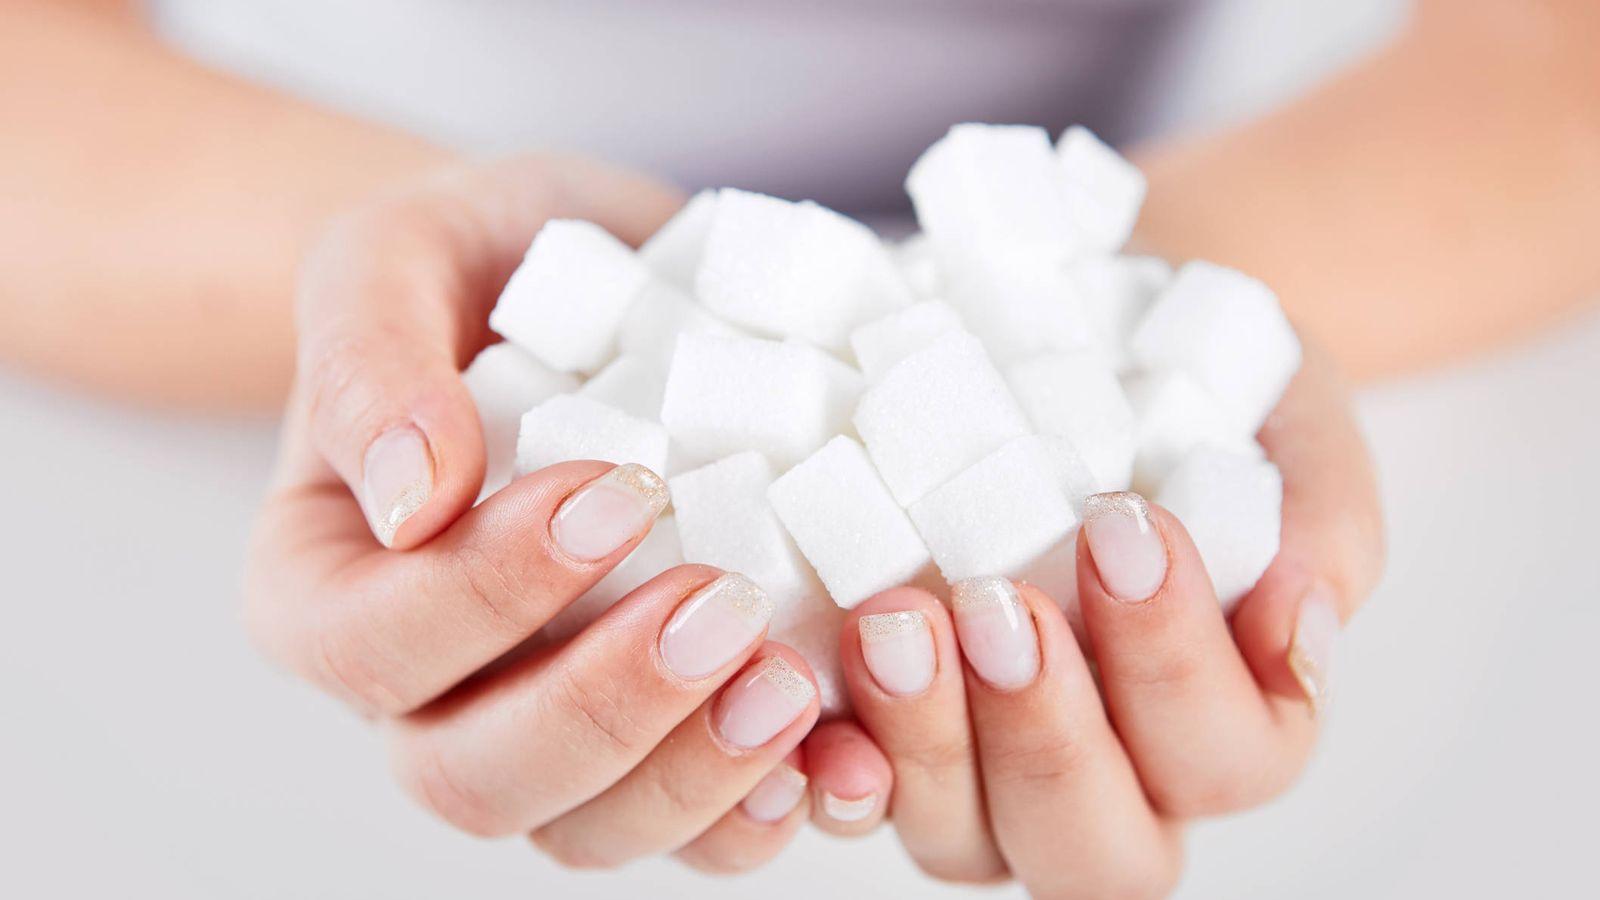 Alimentación: 3 alimentos que logran reducir el azúcar en sangre (como los  huevos)